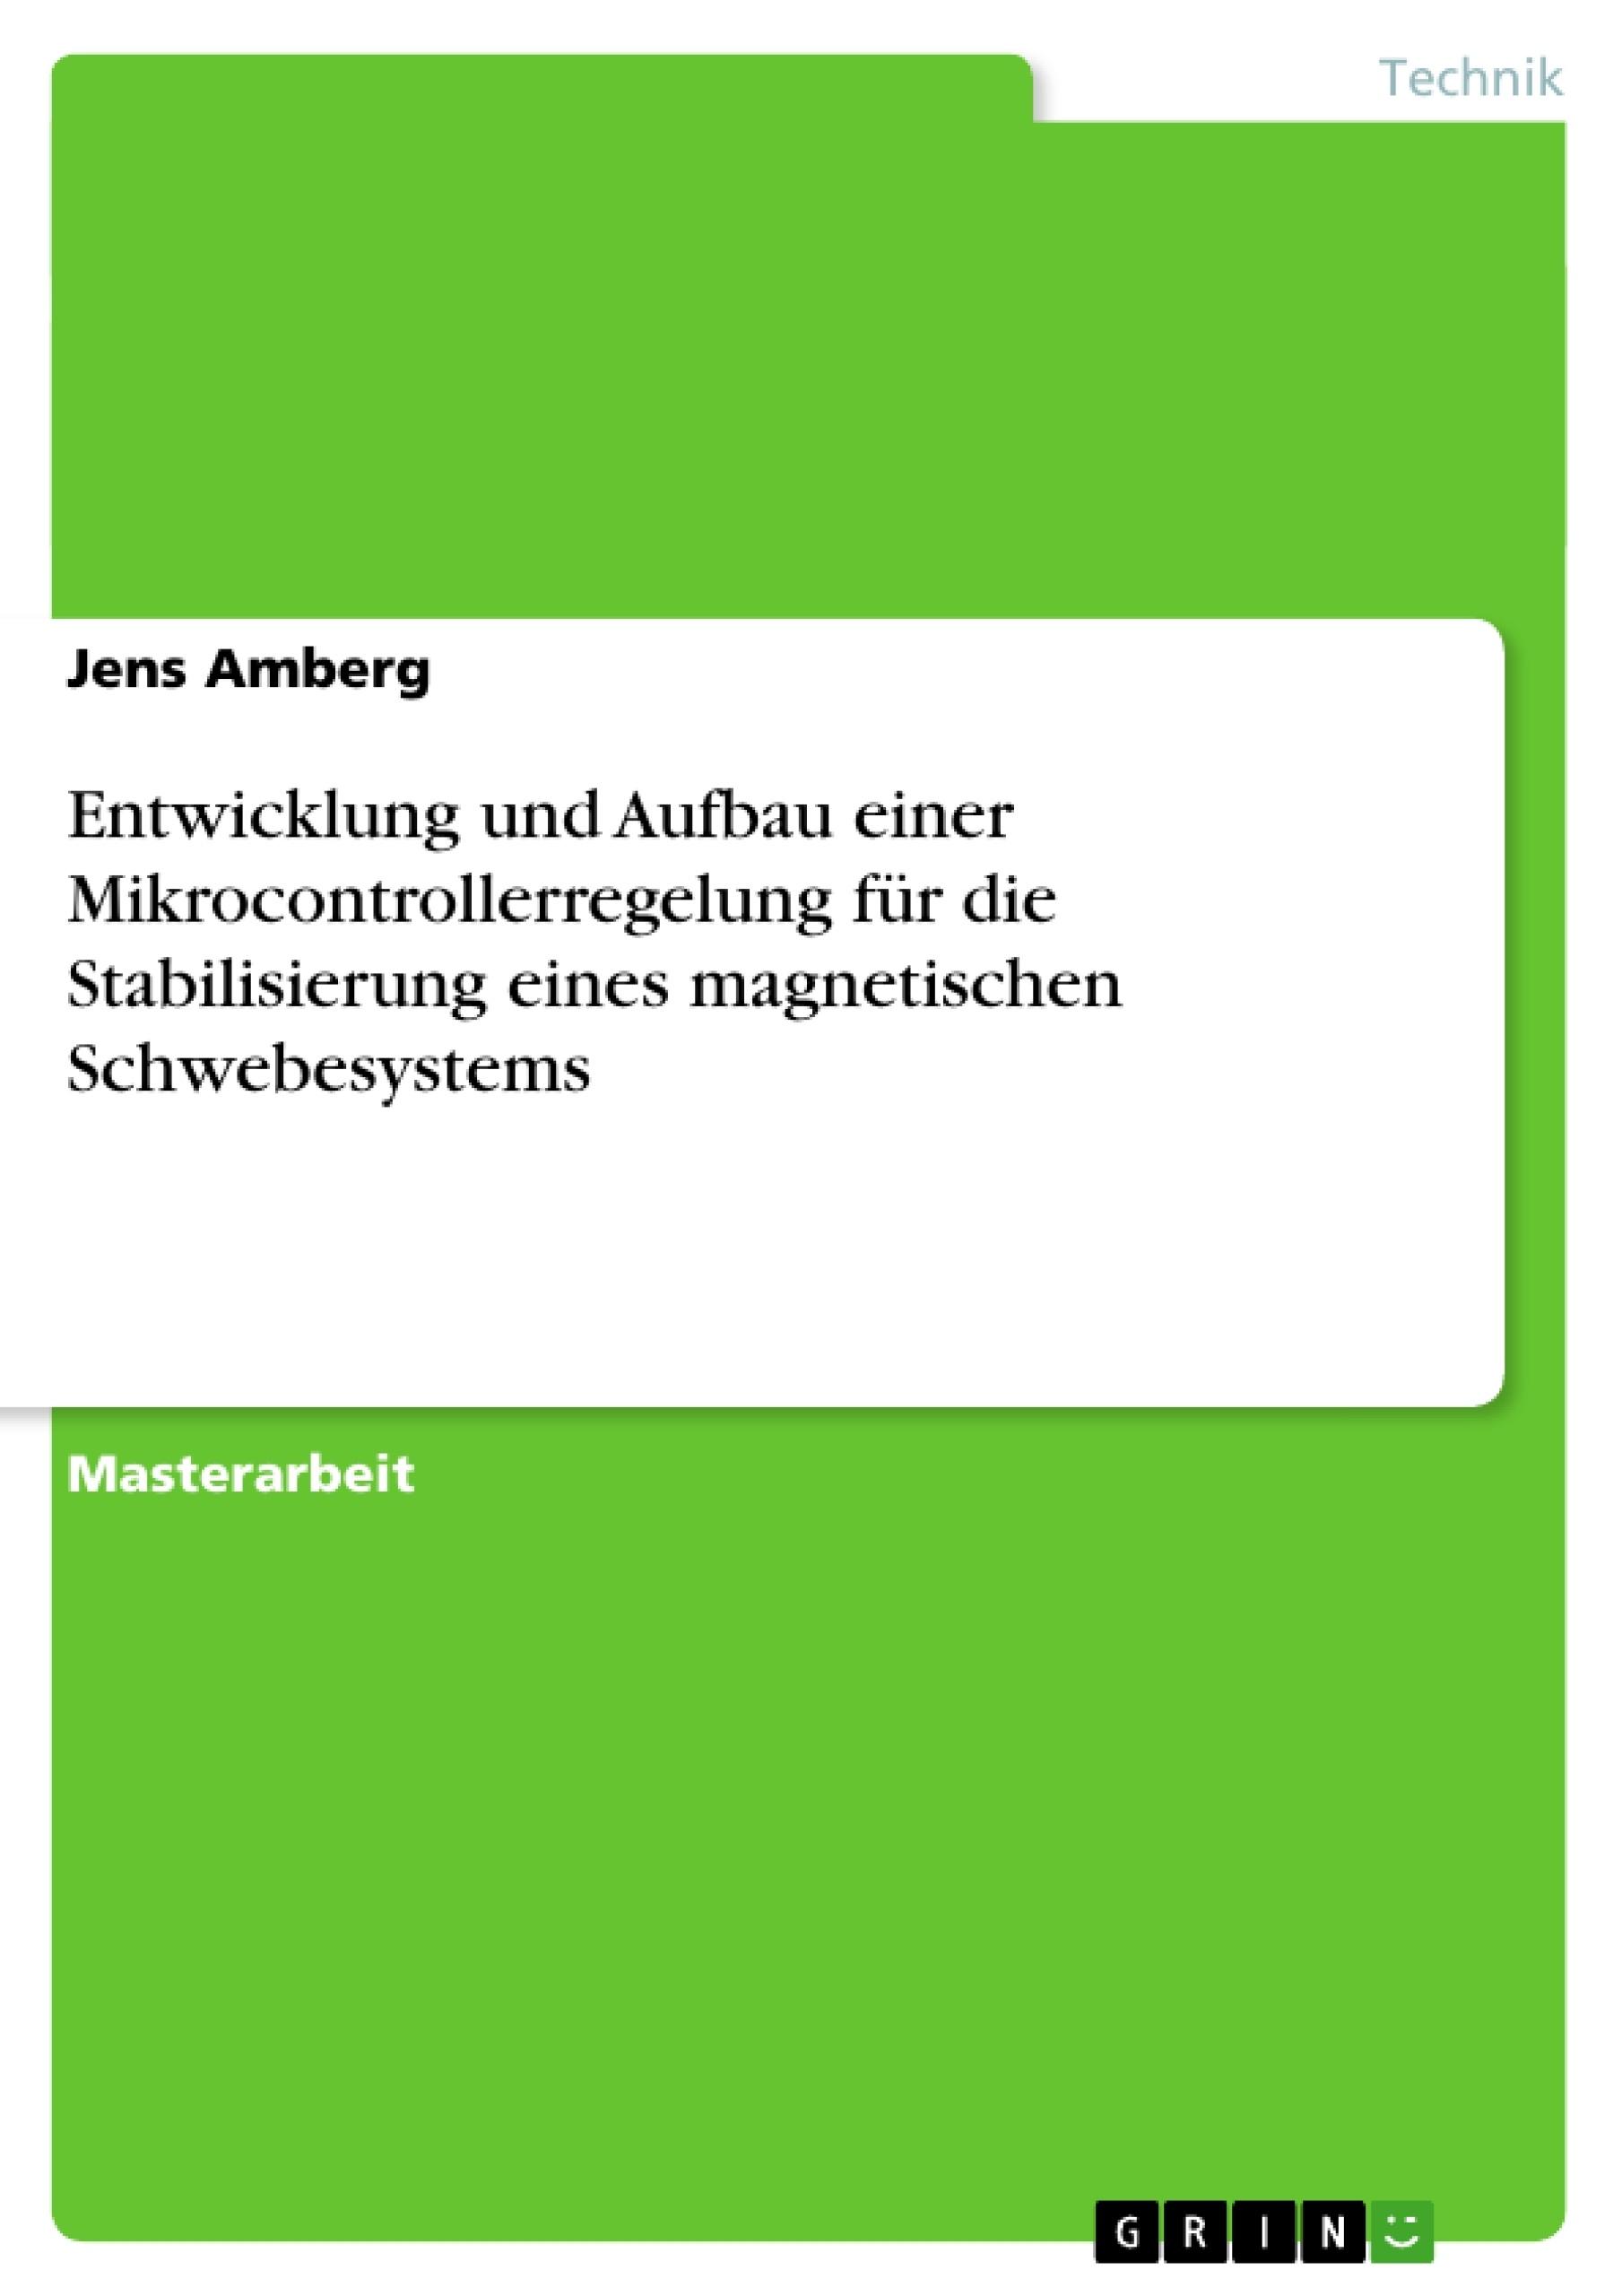 Titel: Entwicklung und Aufbau einer Mikrocontrollerregelung für die Stabilisierung eines magnetischen Schwebesystems